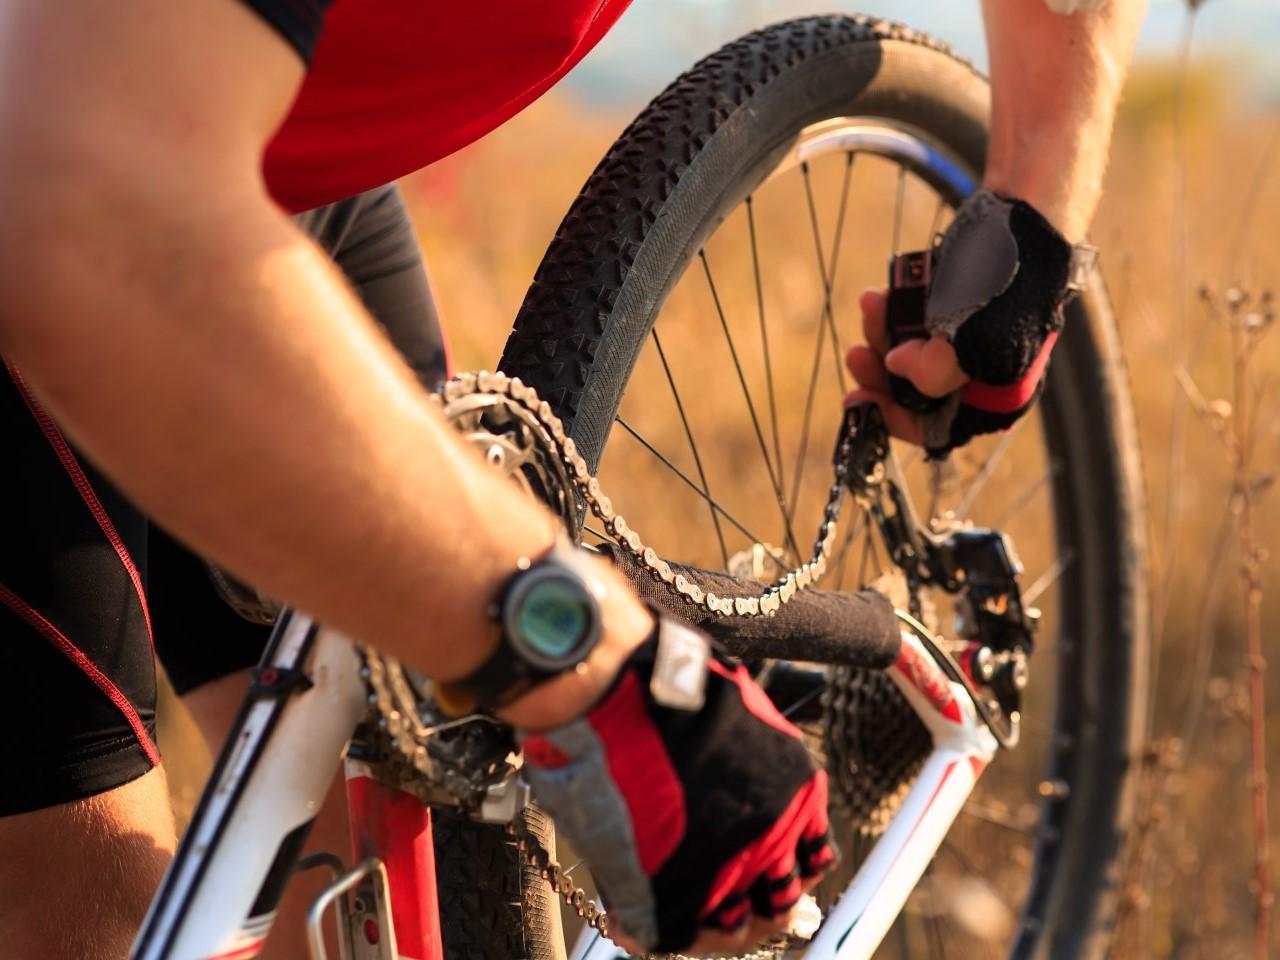 radfahrer-muss-fahrradkette-wechseln